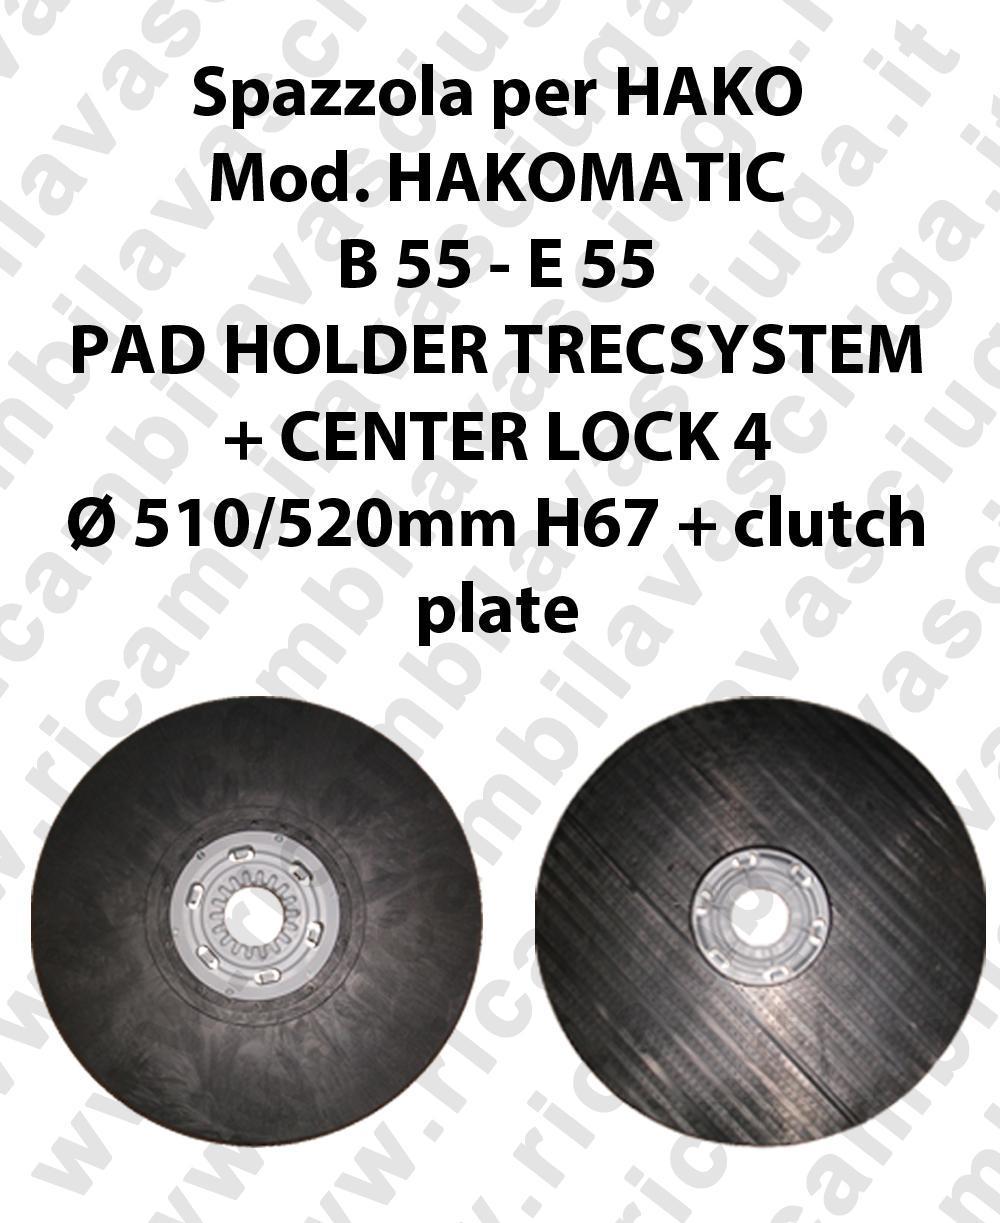 PAD HOLDER TRECSYSTEM  for scrubber dryer HAKO Model HAKOMATIC B 55 - E 55